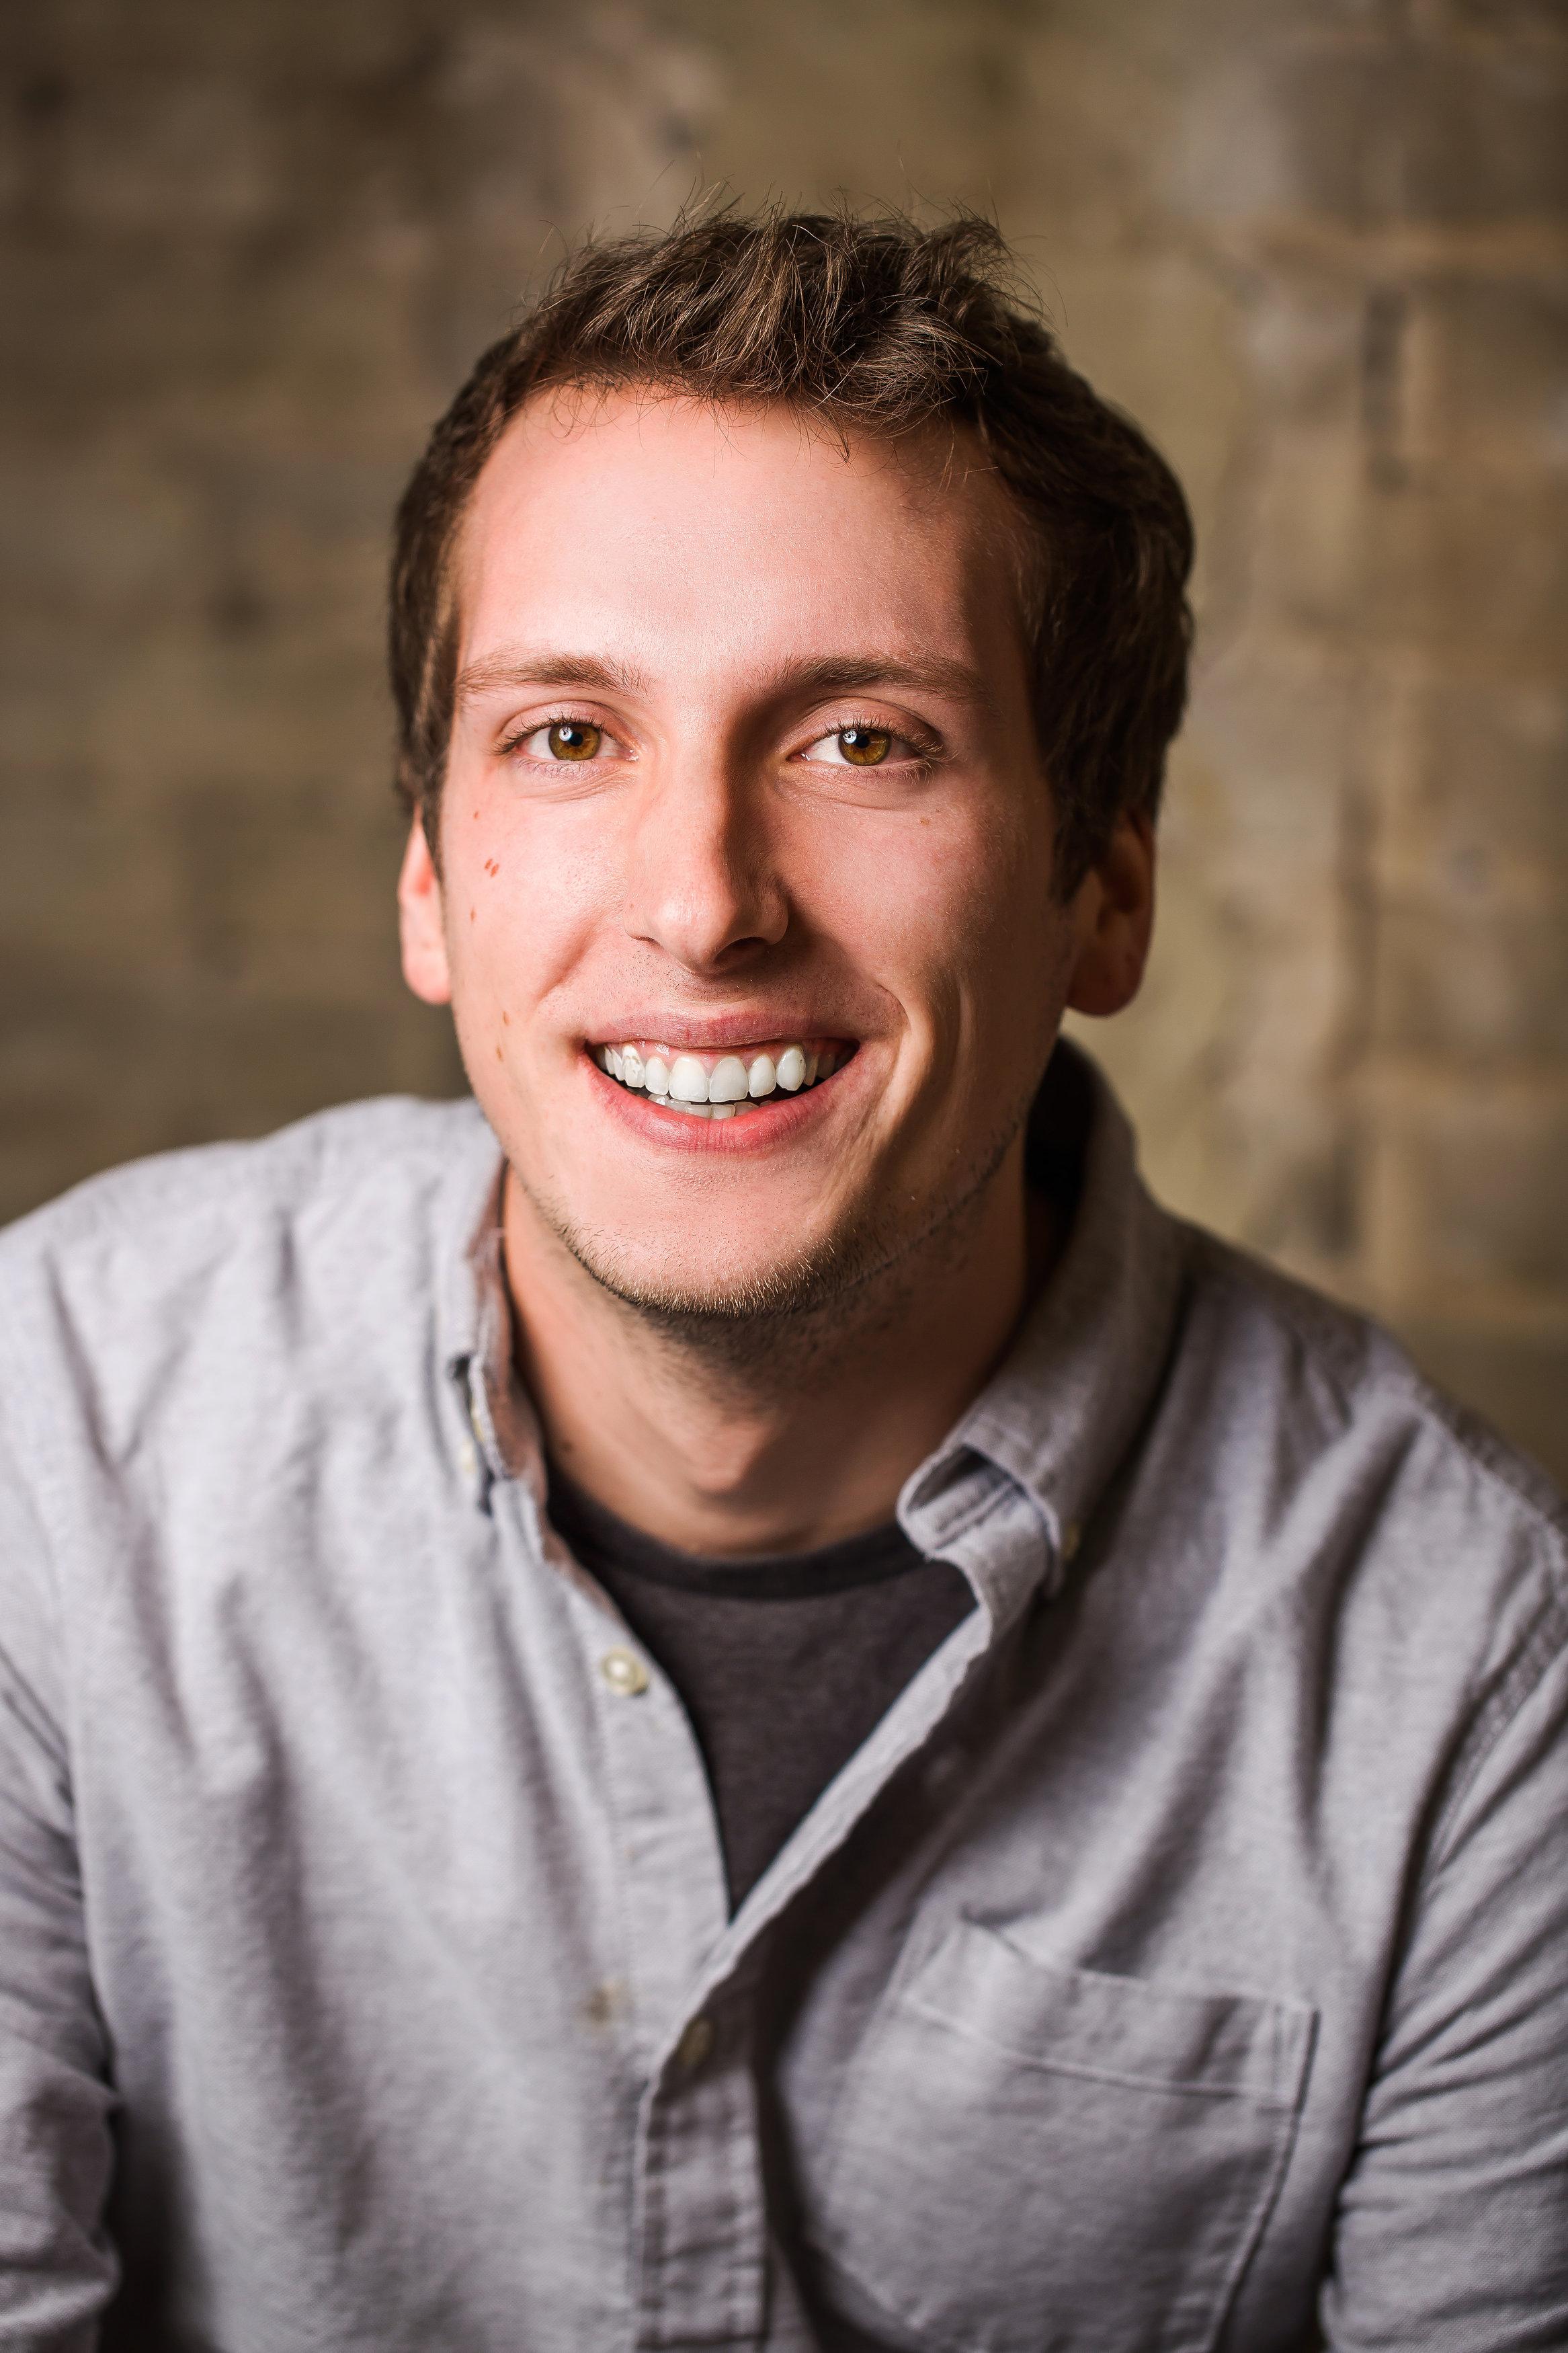 Andrew Trentor